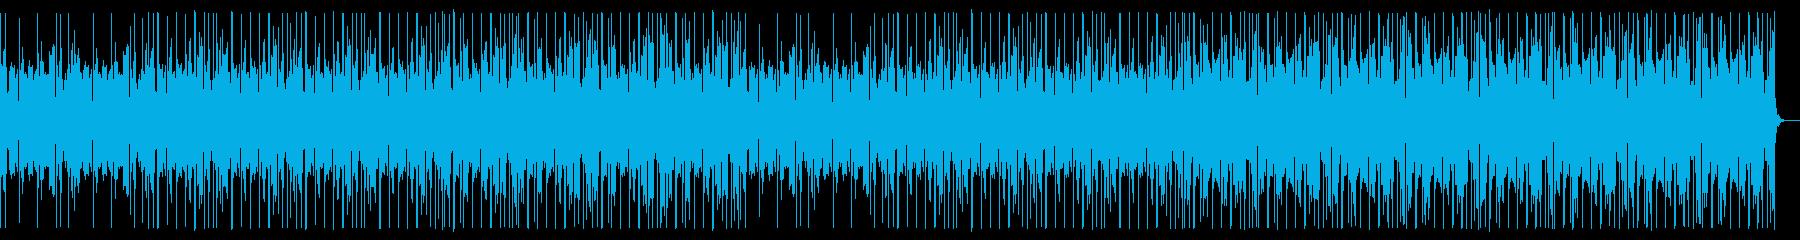 浮遊感/睡魔/生演奏_No533_2の再生済みの波形